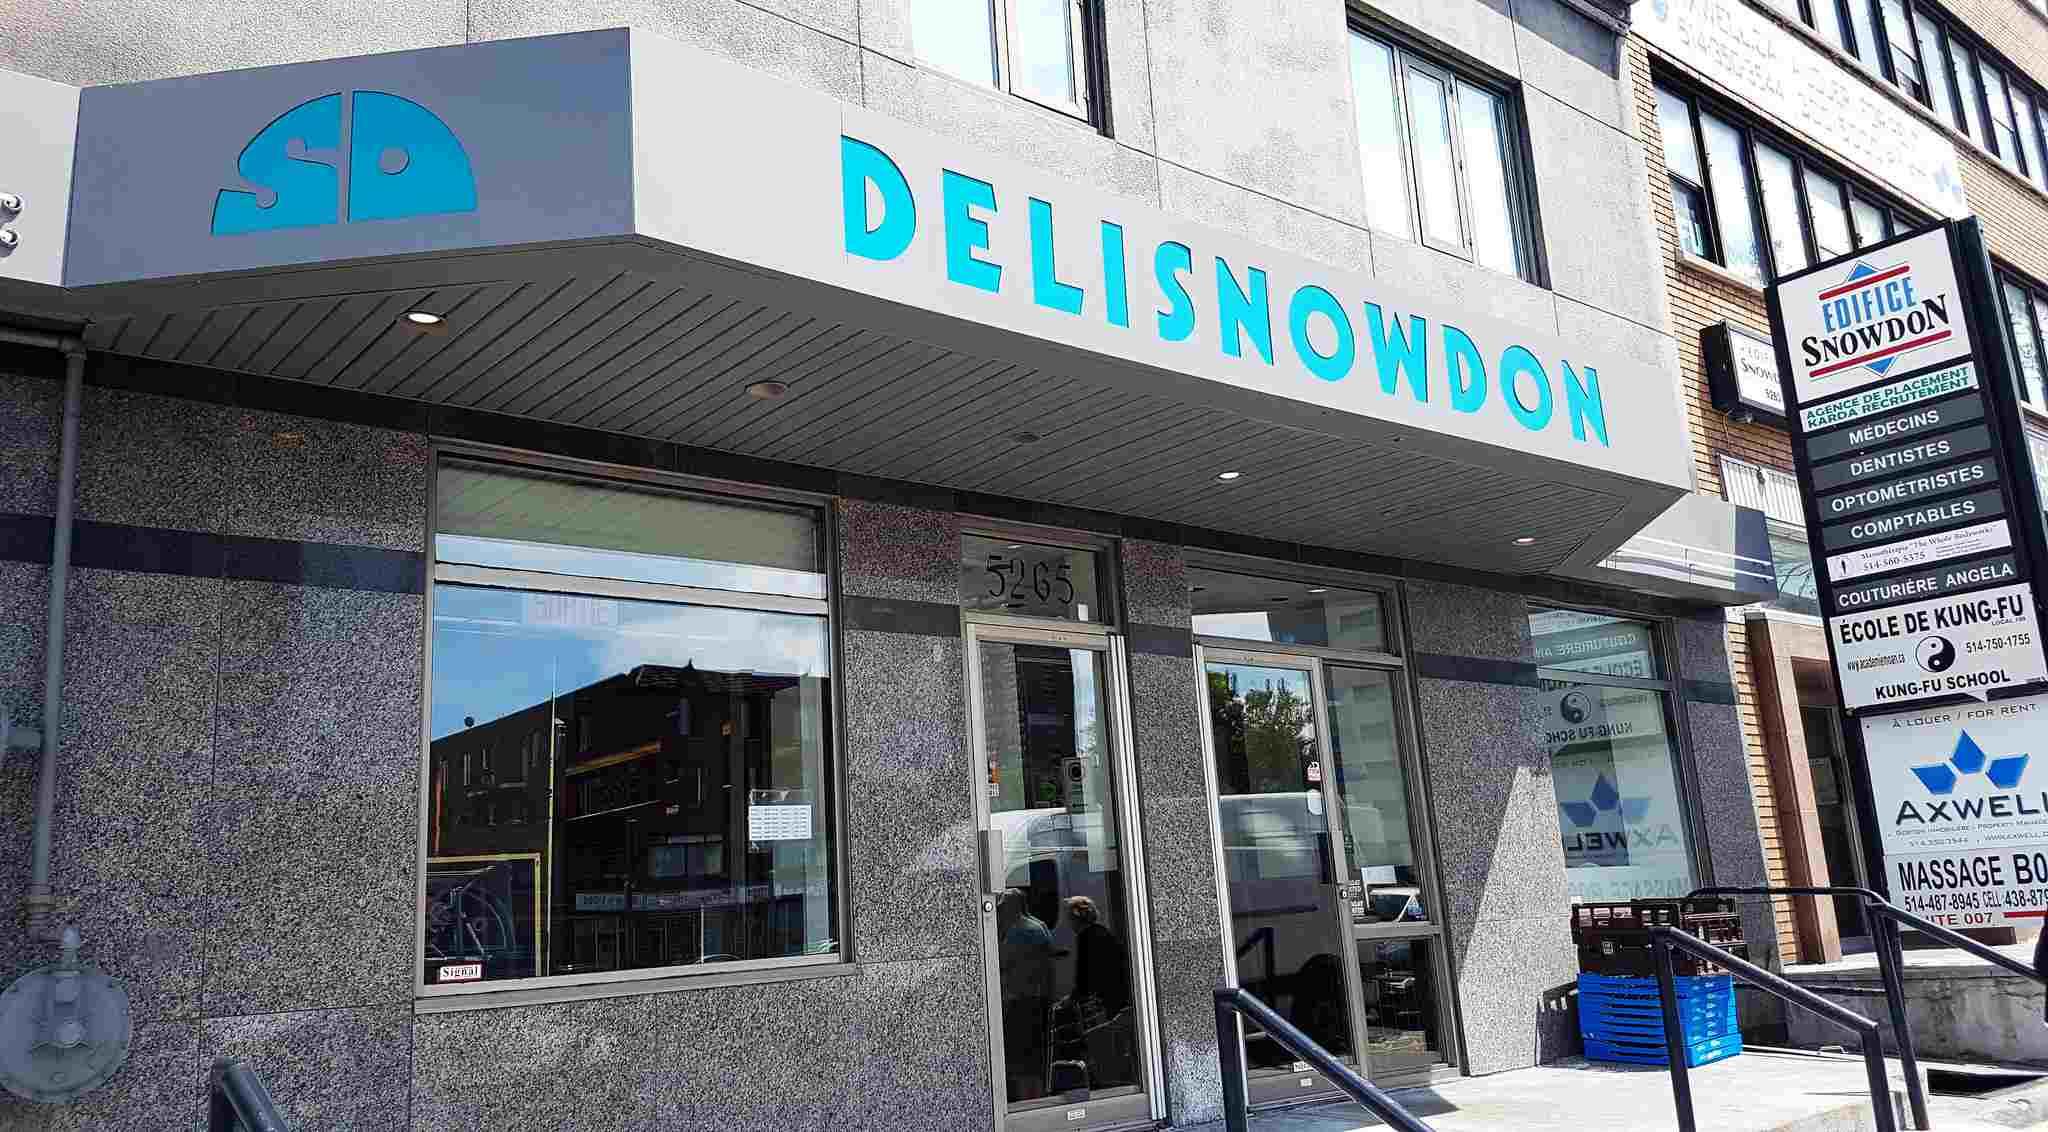 Snowdon Deli